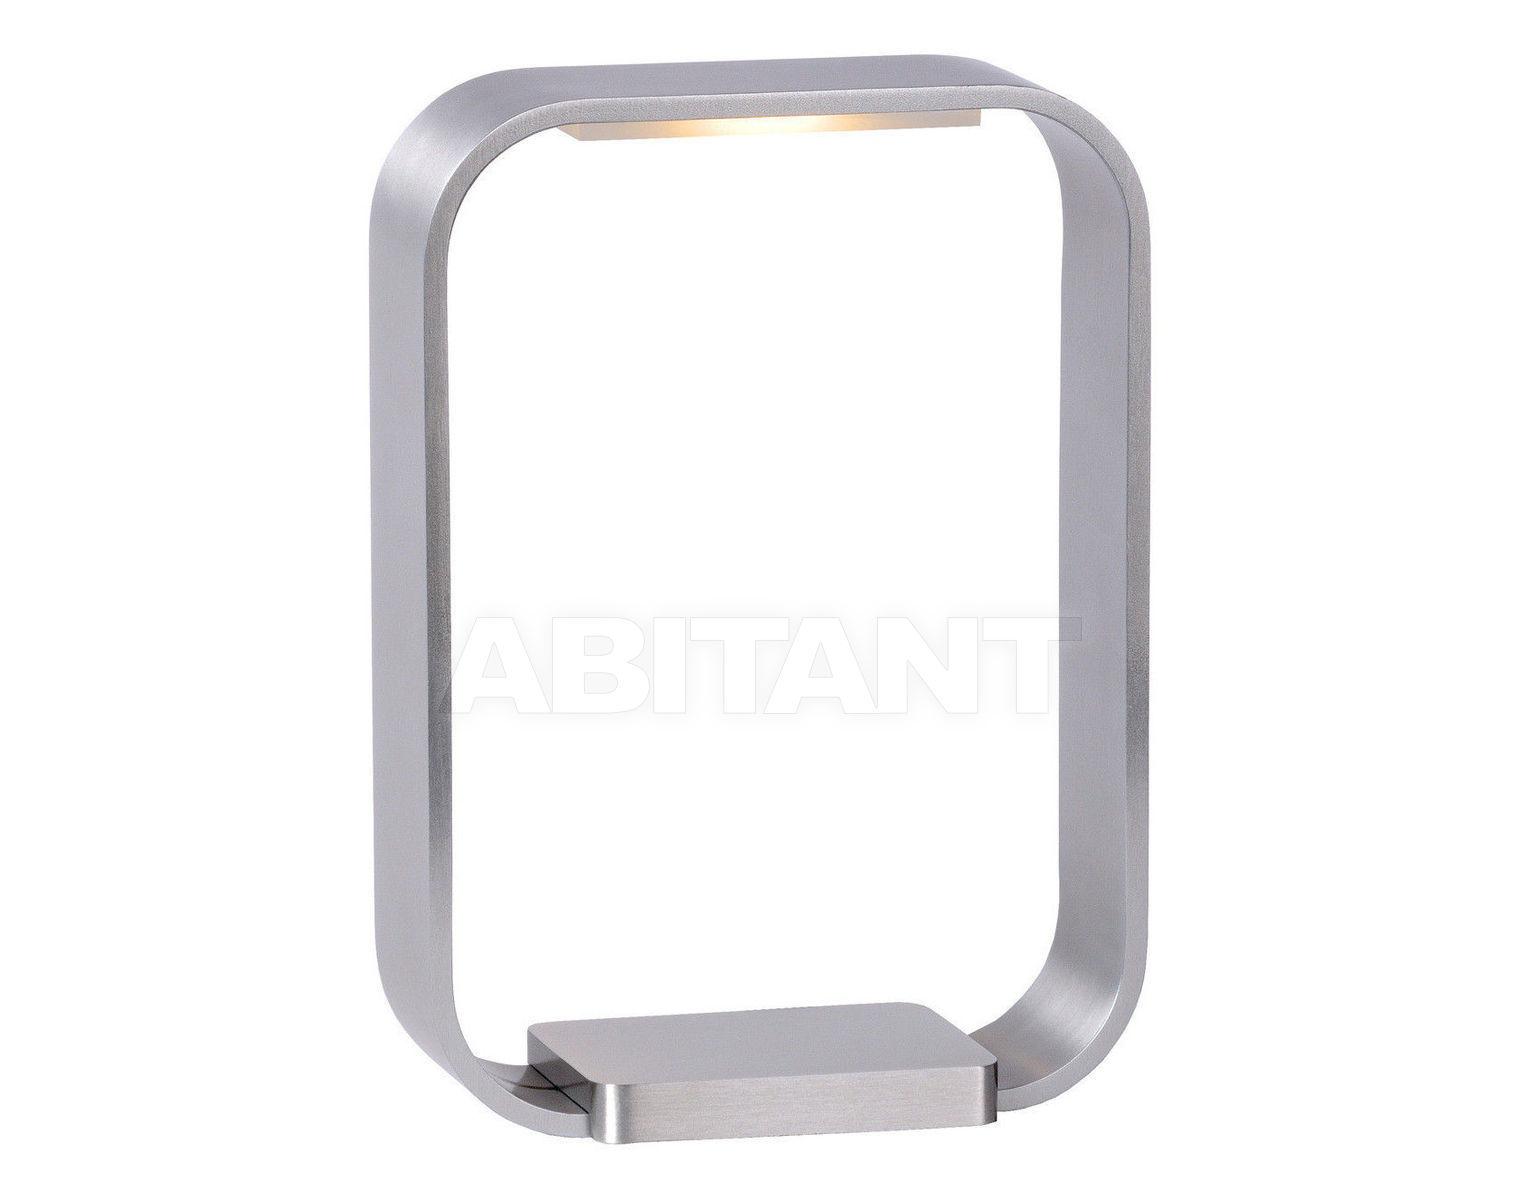 Купить Лампа настольная LED HOLE Lucide  Technical 17576/06/12